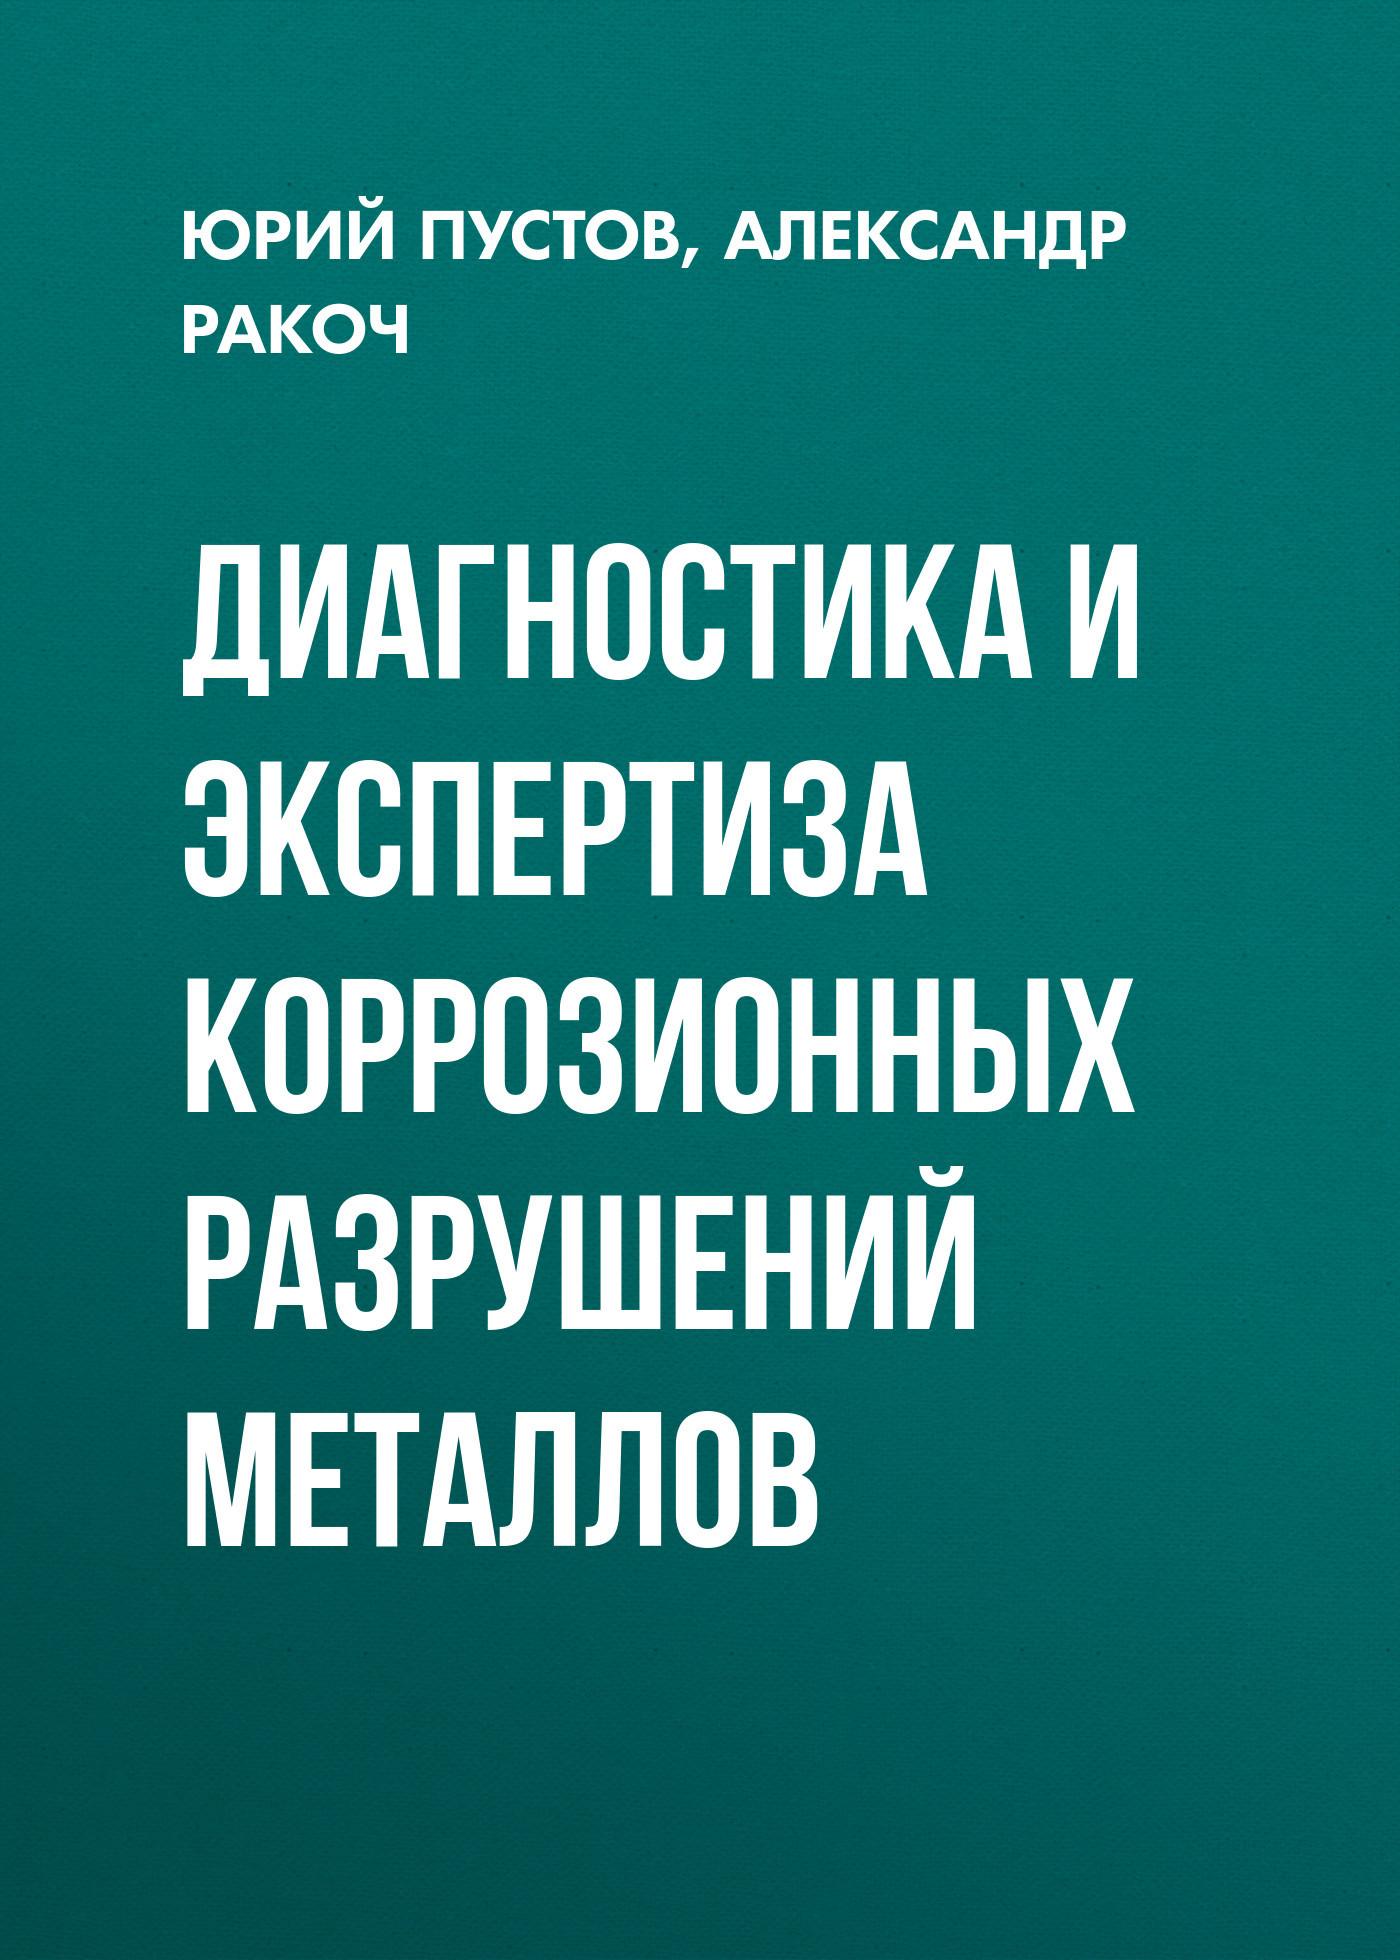 Обложка книги Диагностика и экспертиза коррозионных разрушений металлов, автор Александр Ракоч